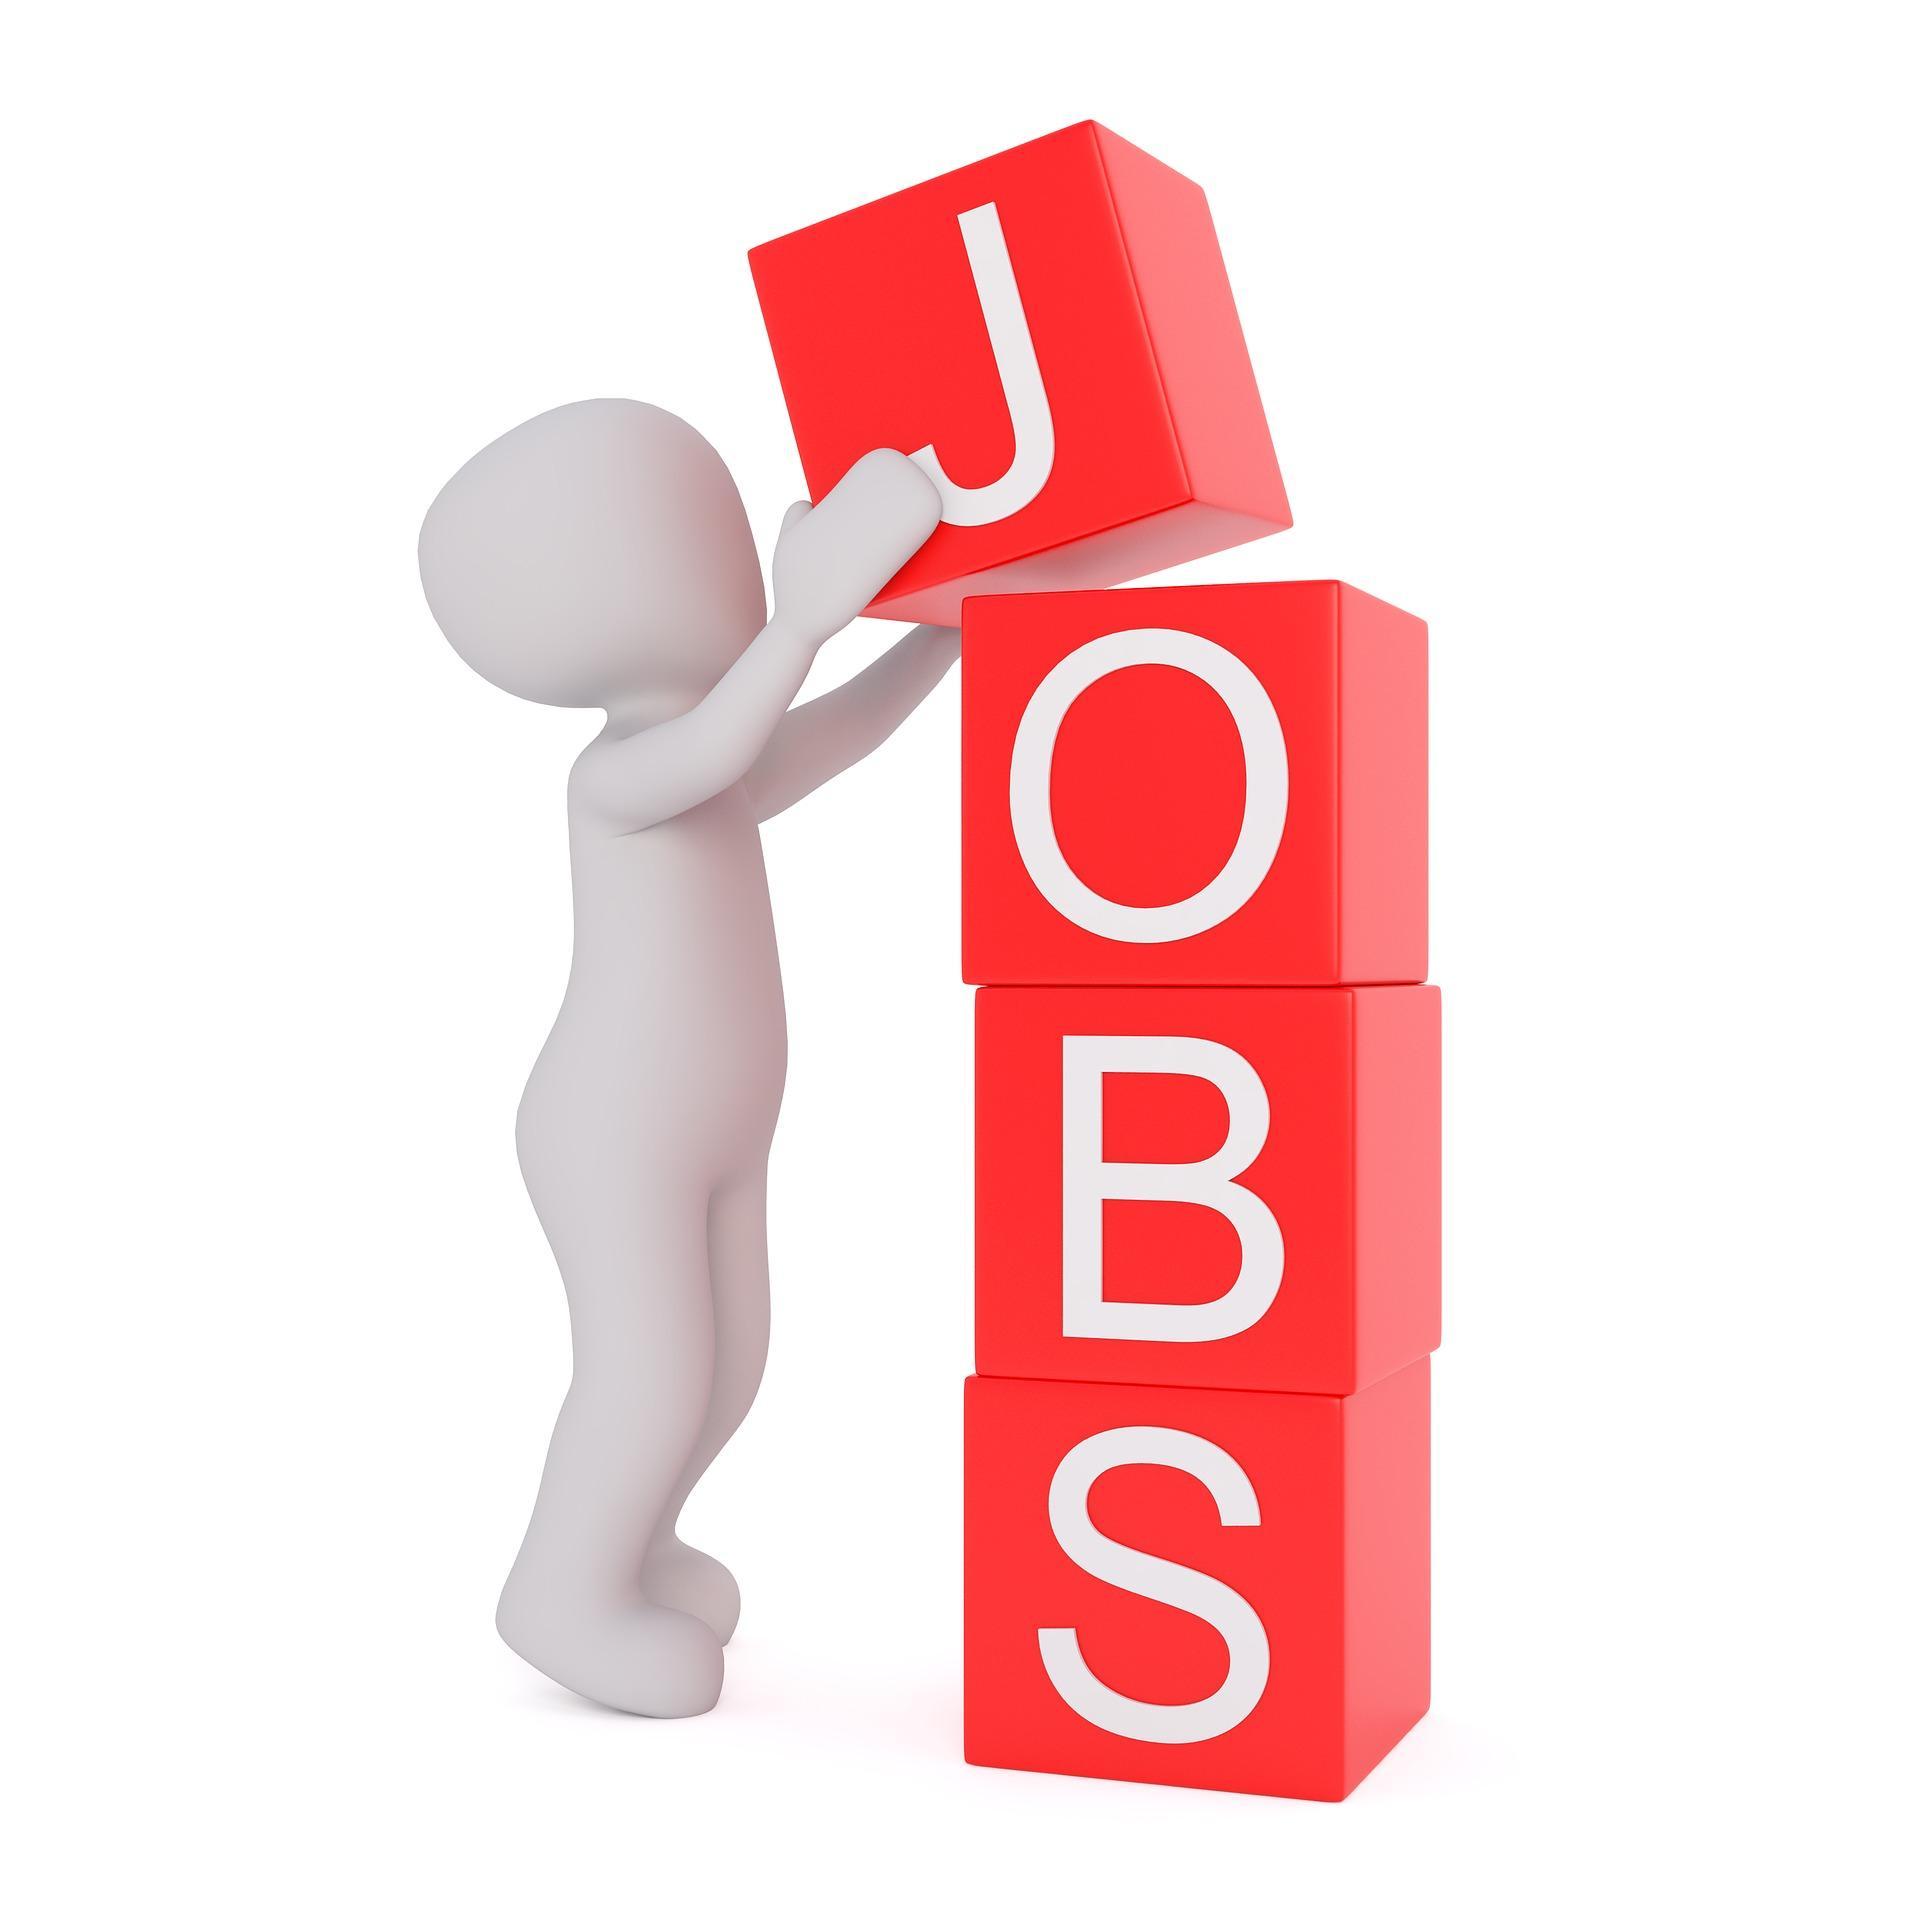 Jobs - Bild von Peggy und Marco Lachmann-Anke auf Pixabay